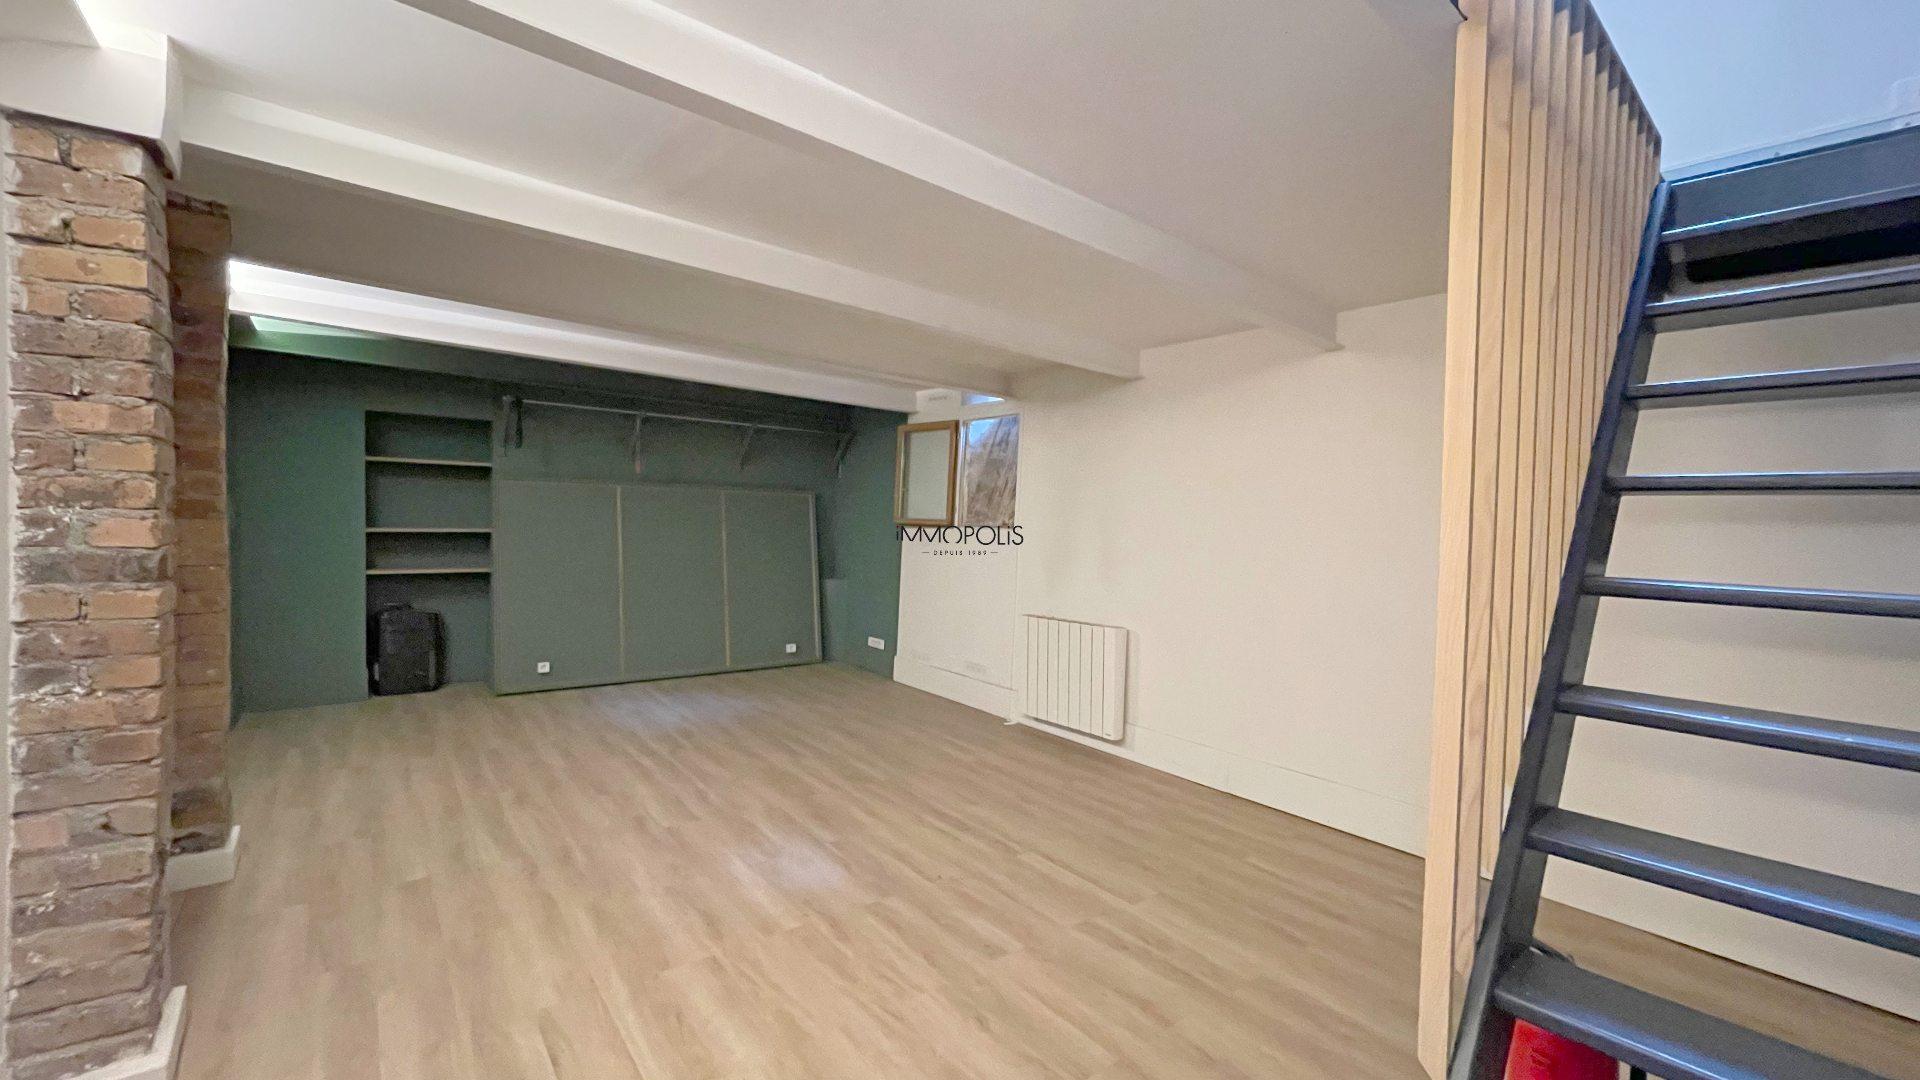 Saint Ouen, district Michelet / Dr. Bauer, in Rue Arboraée Quiet, magnificent souplex «like a house» 8